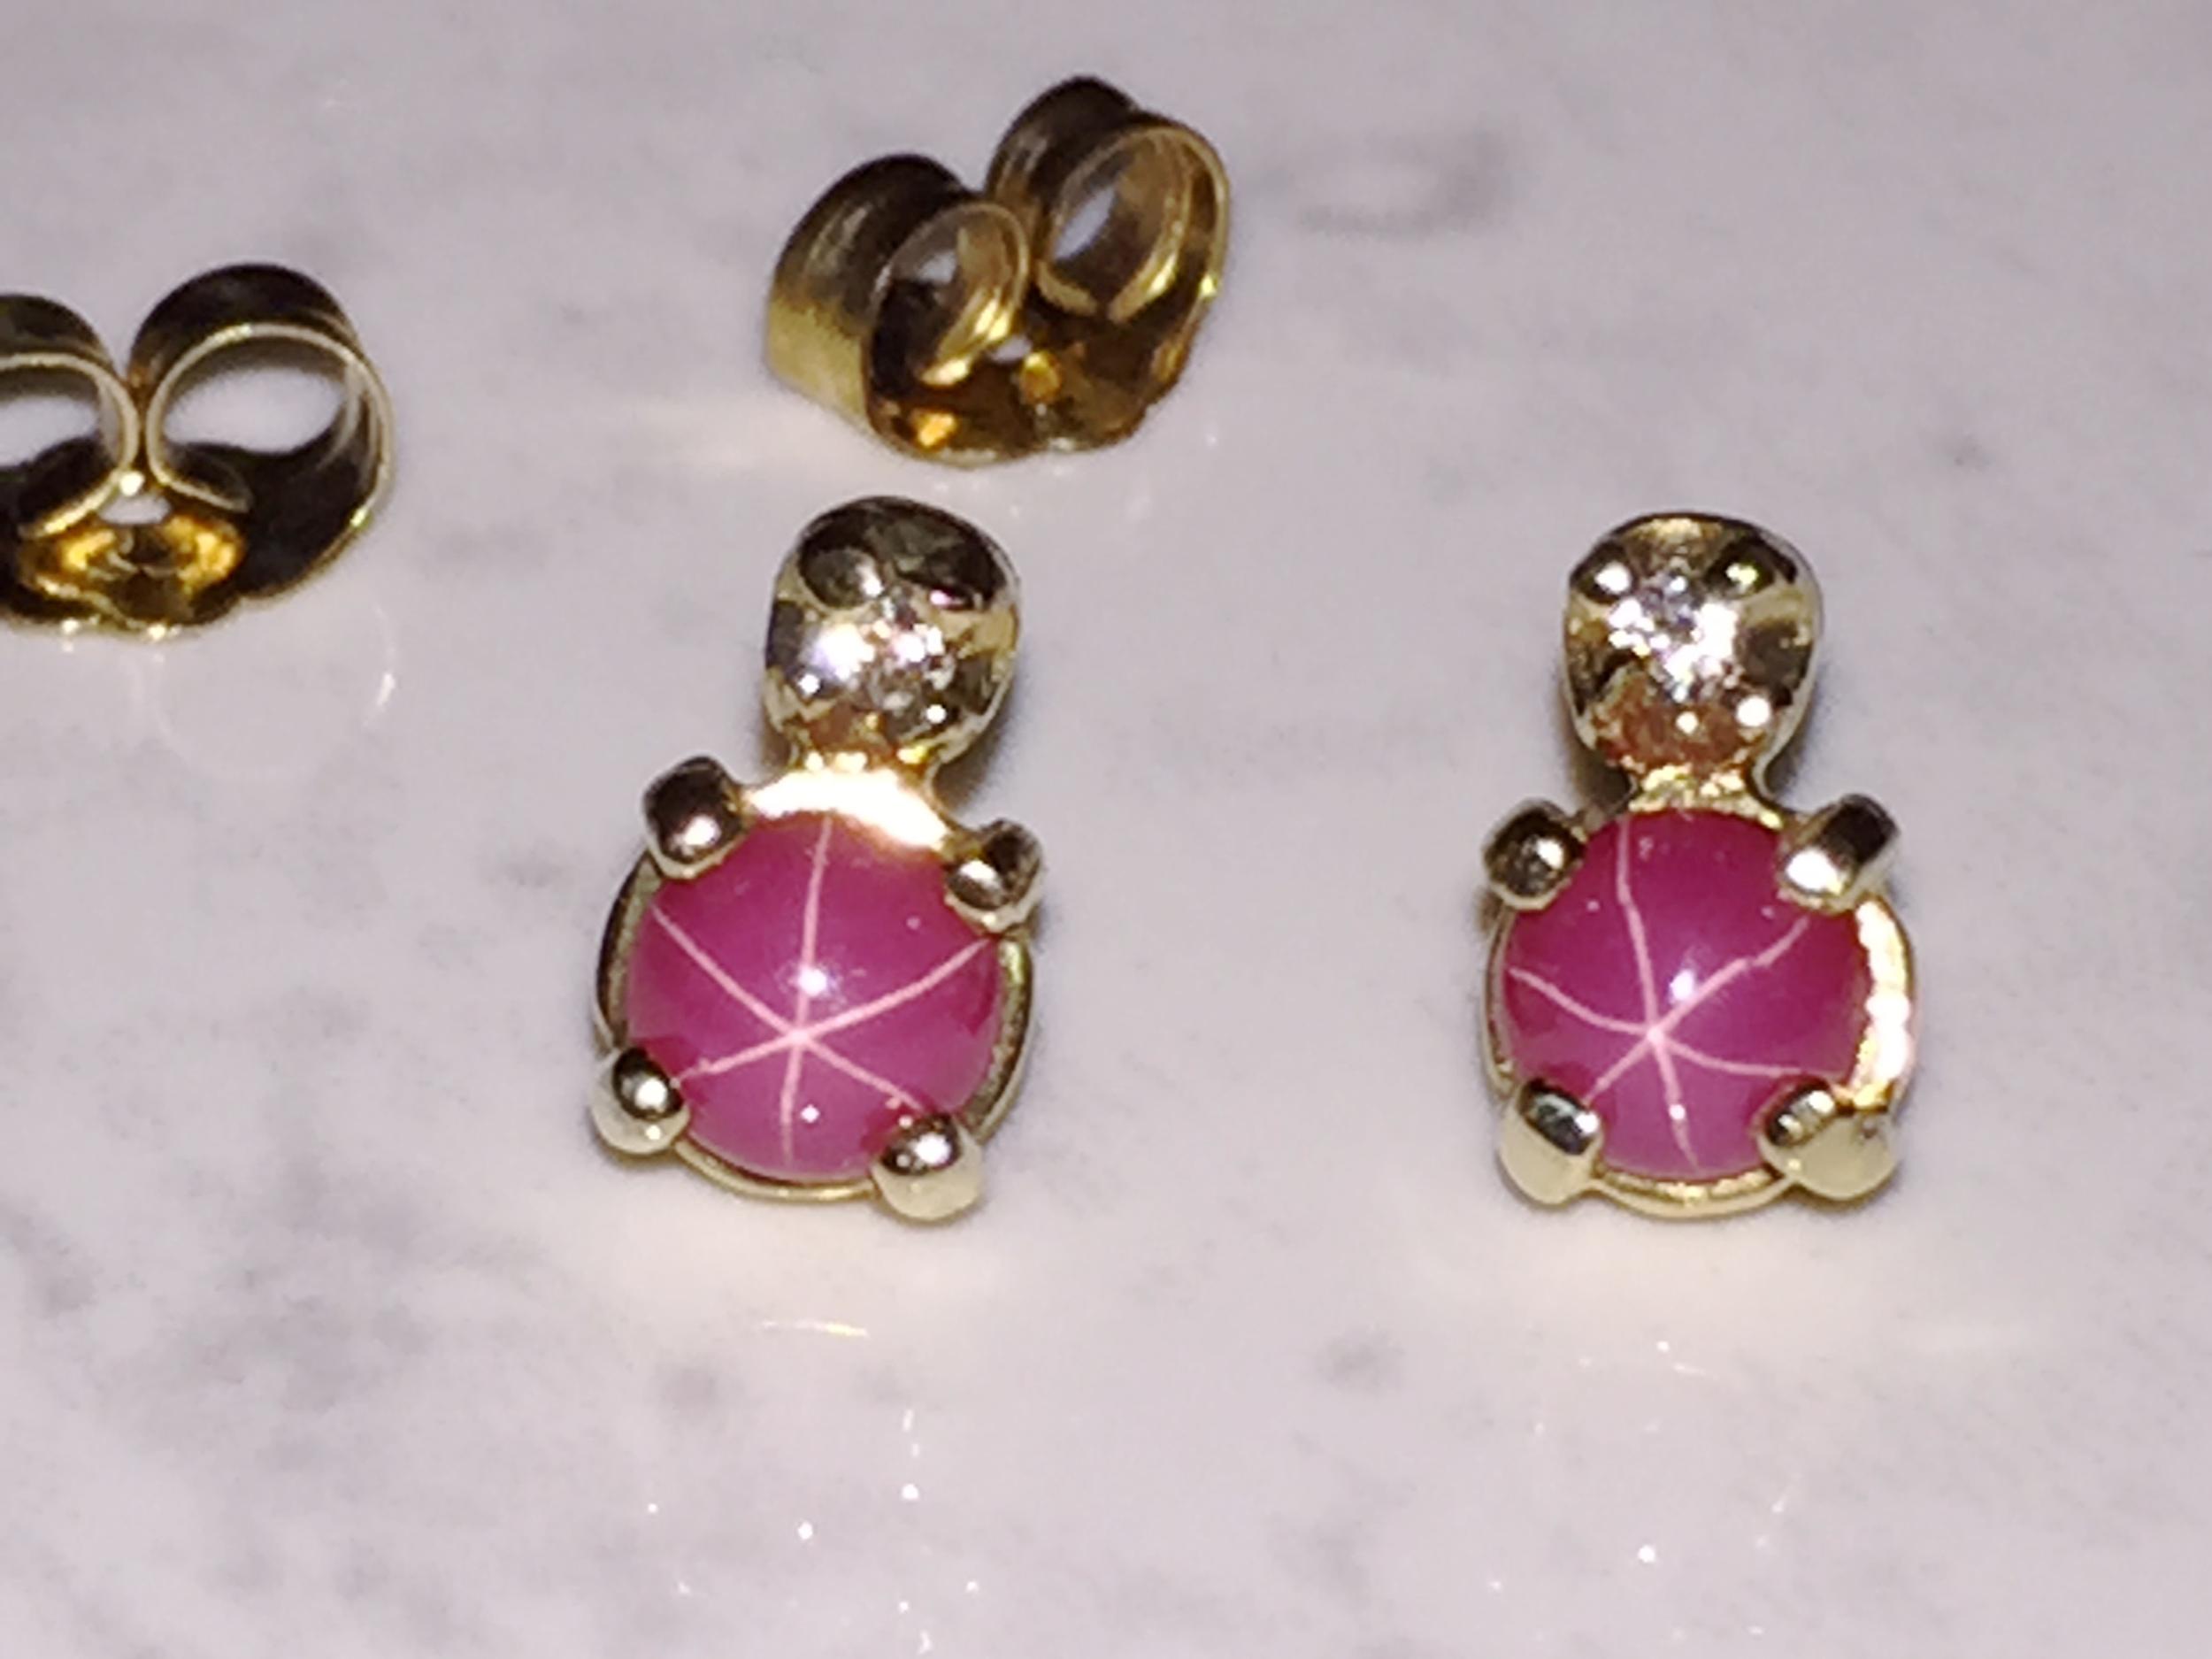 Our last pair of Star Ruby earrings